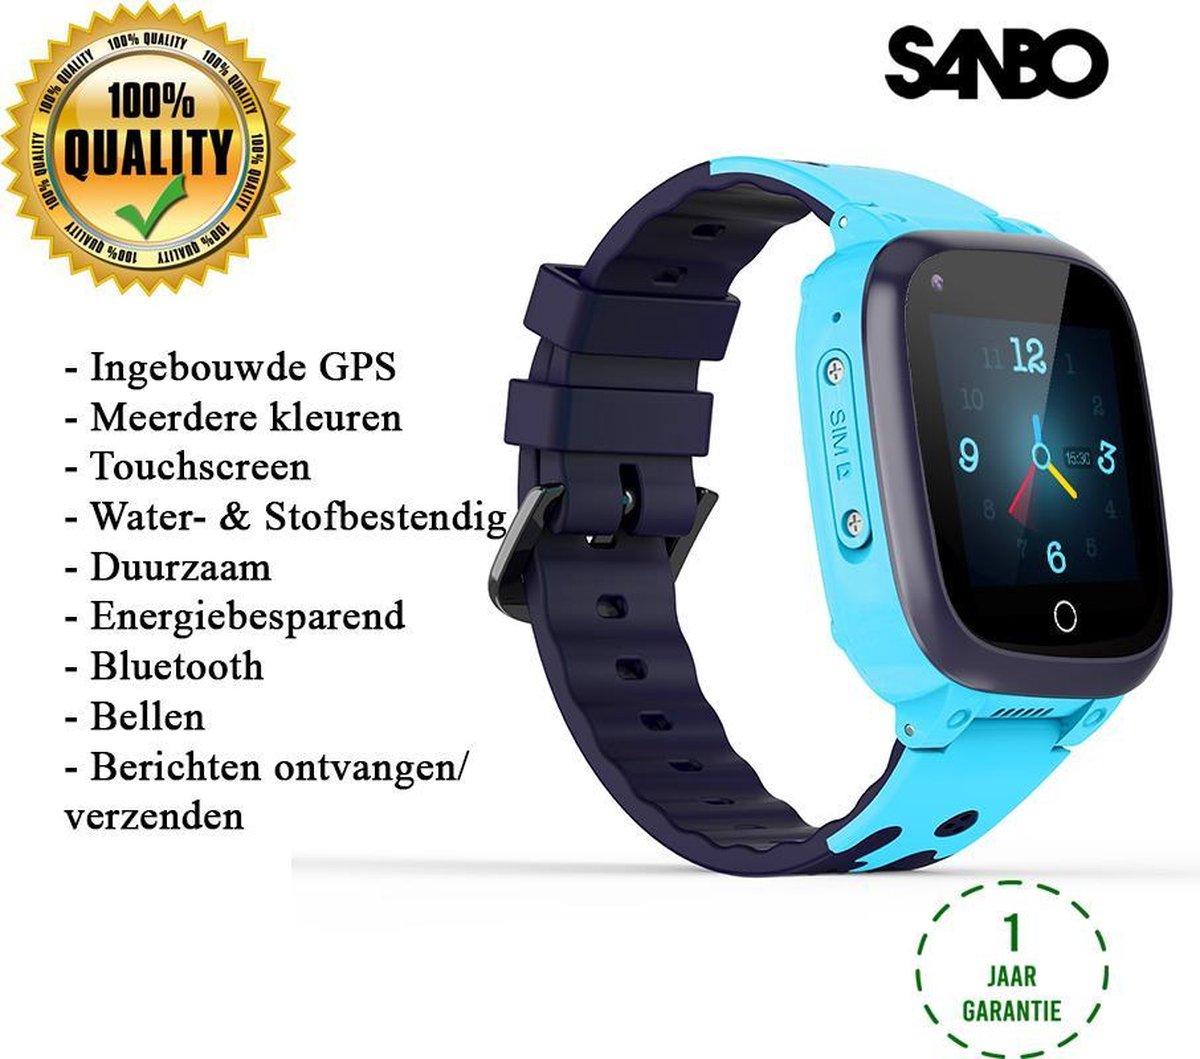 Sanbo T8 - Smartwatch 4G - smartwatch kinderen - smartwatch gps - Smartwatches - Bel & Camera functie - smartwatch jongens - smartwatch tracker - horloge gps kind - smartwatch blauw kopen